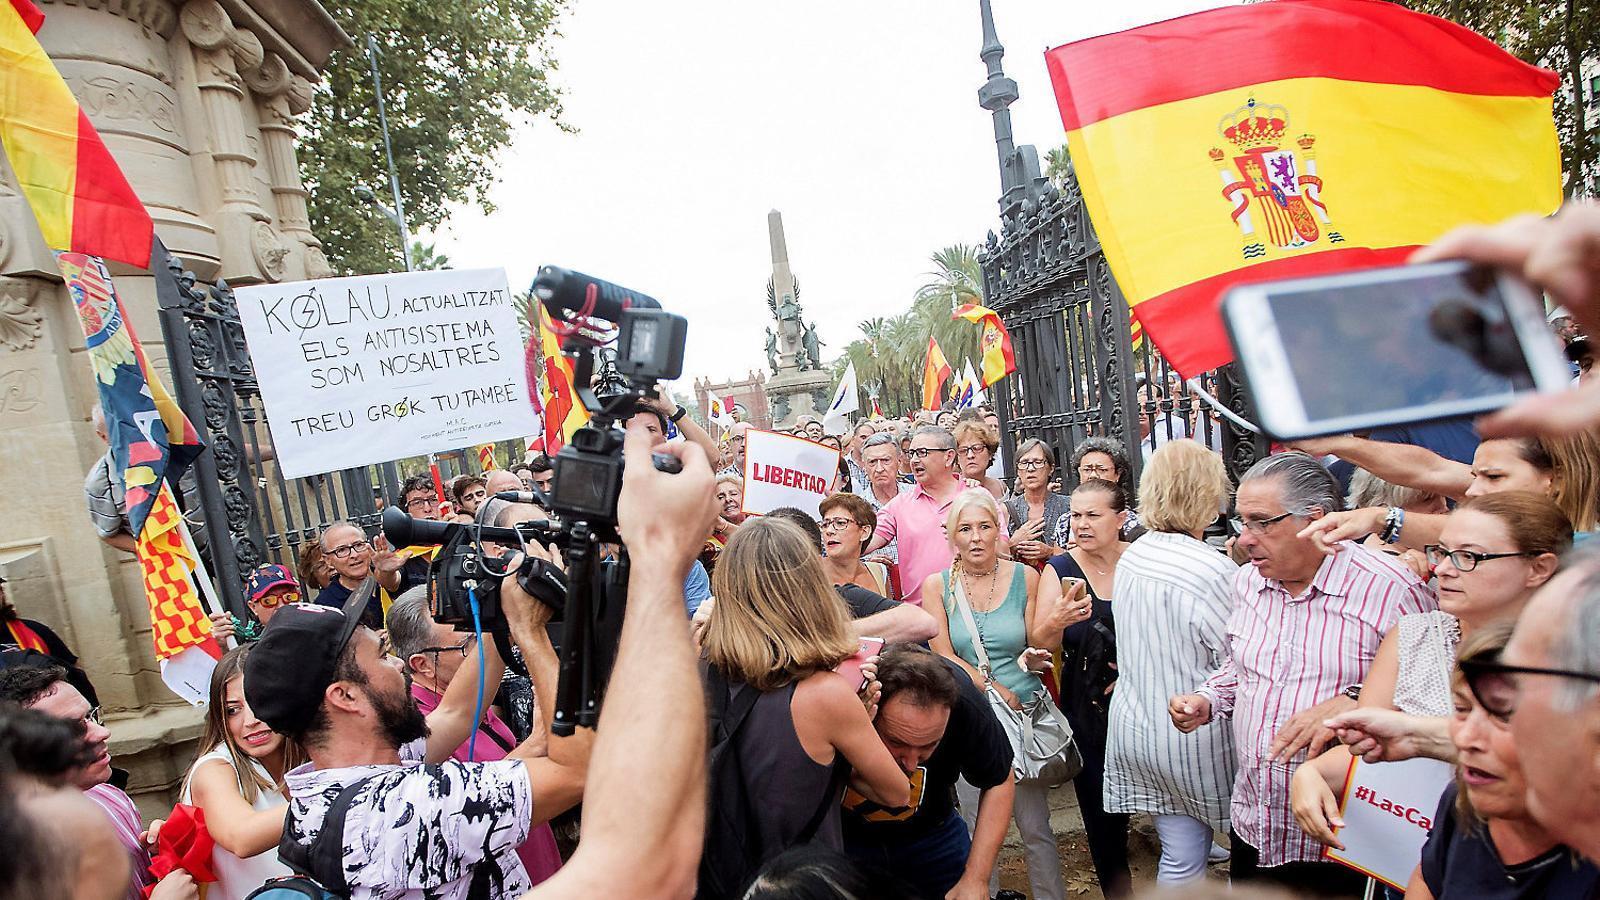 El càmera de Telemadrid agredit ahir enmig de la manifestació convocada per Cs davant del Parc de la Ciutadella.